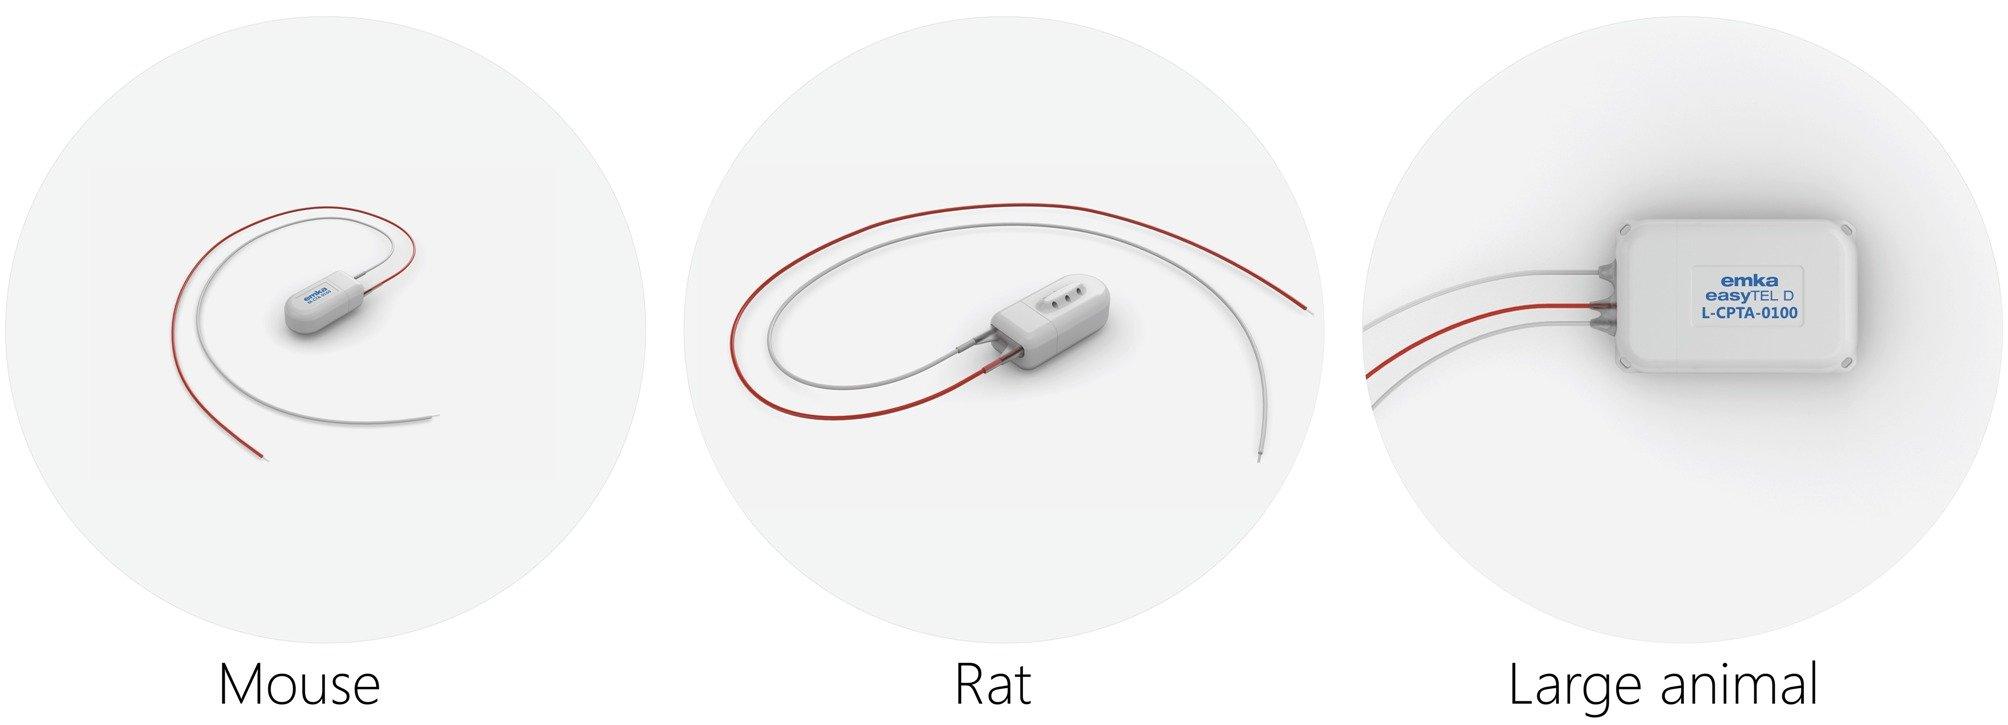 easyTEL range  New implanted telemetry easyTEL range